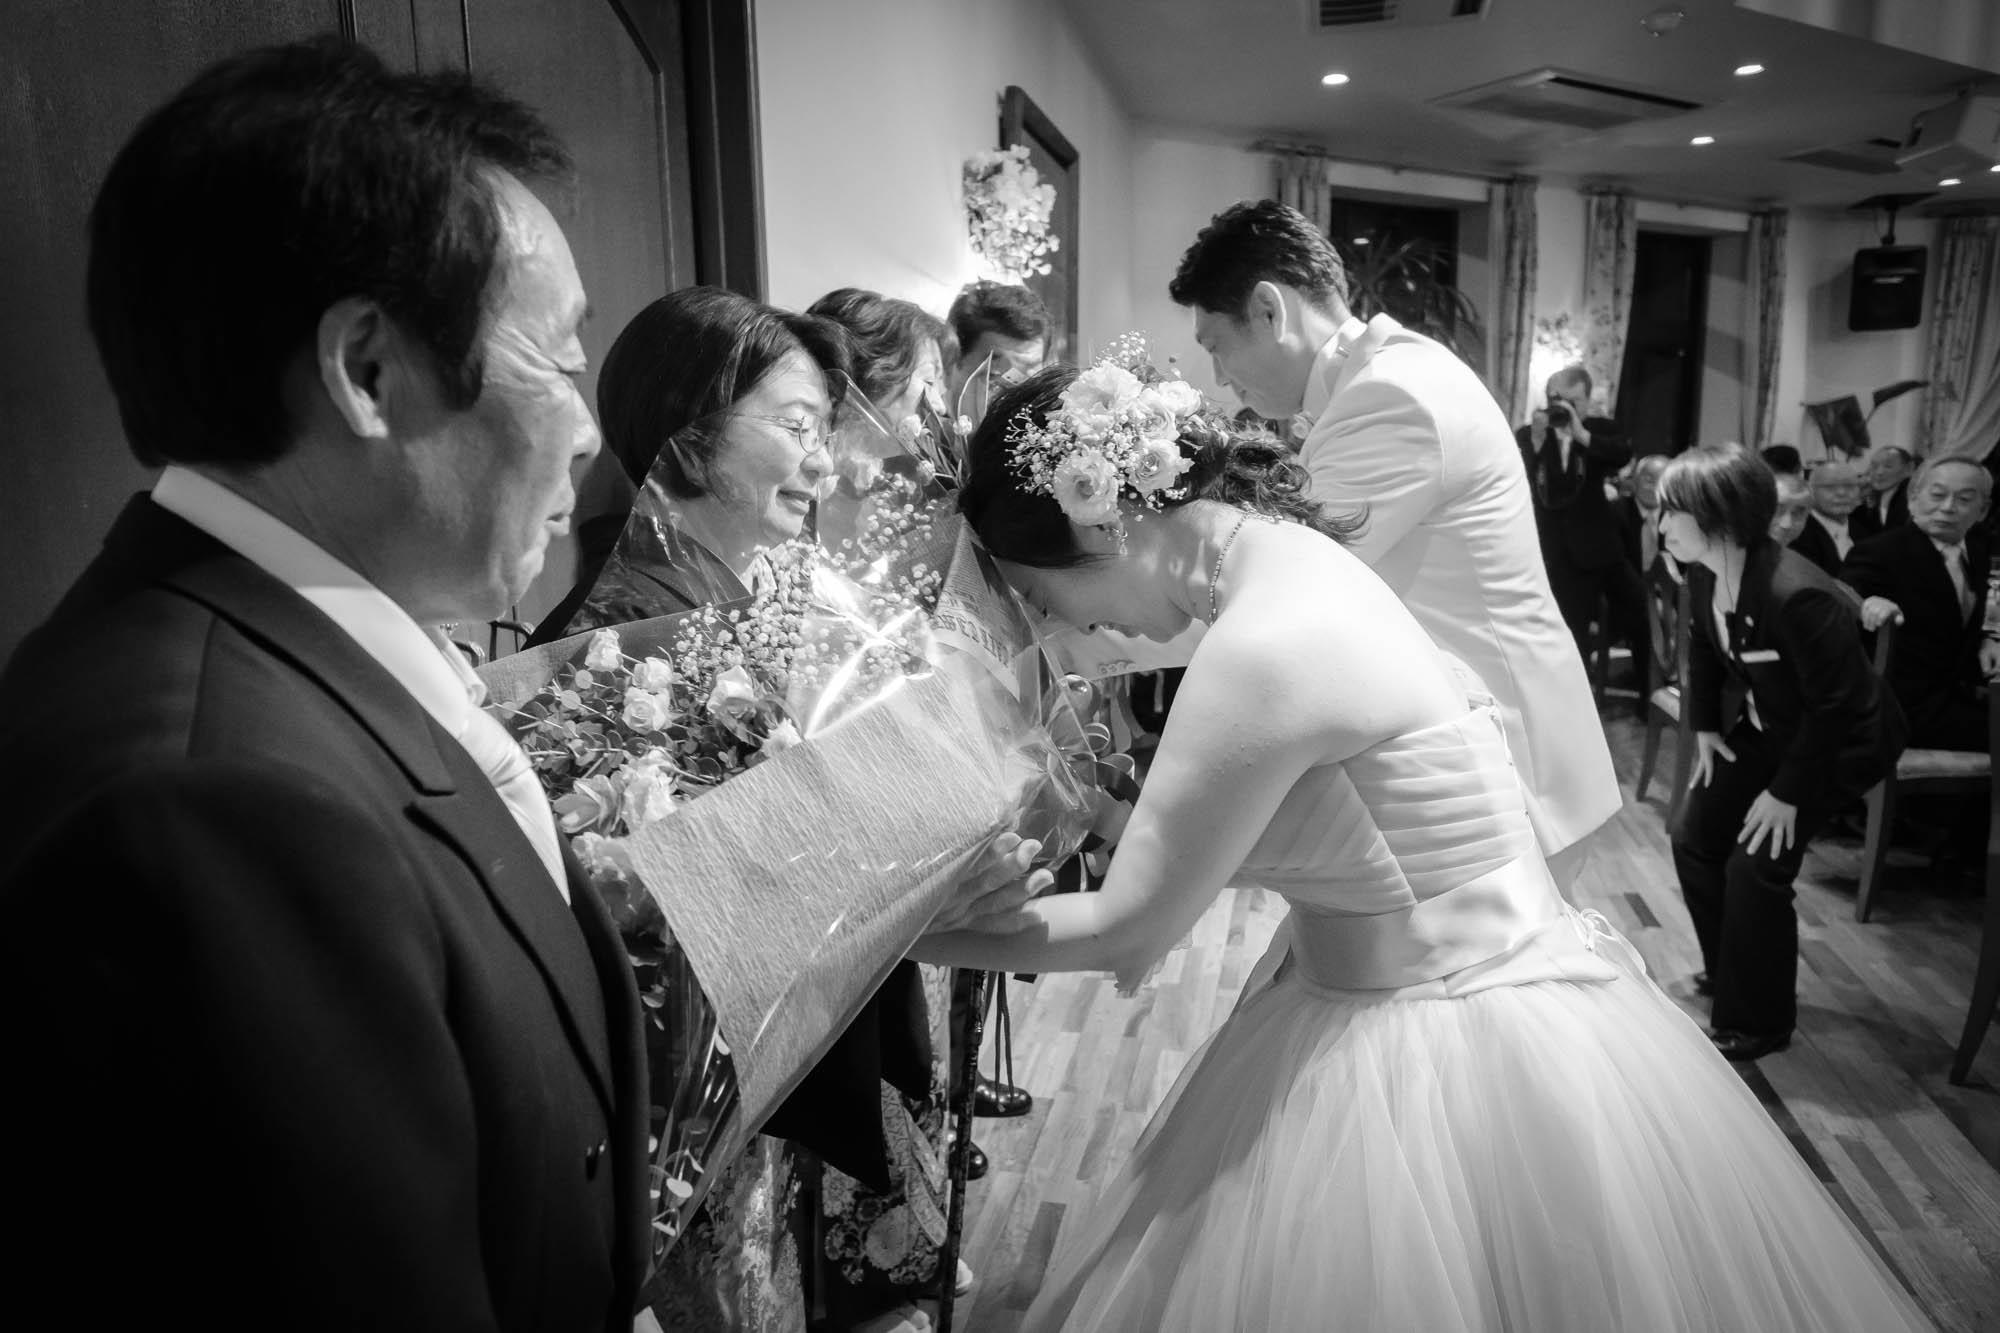 ハウスオブブランセで結婚式